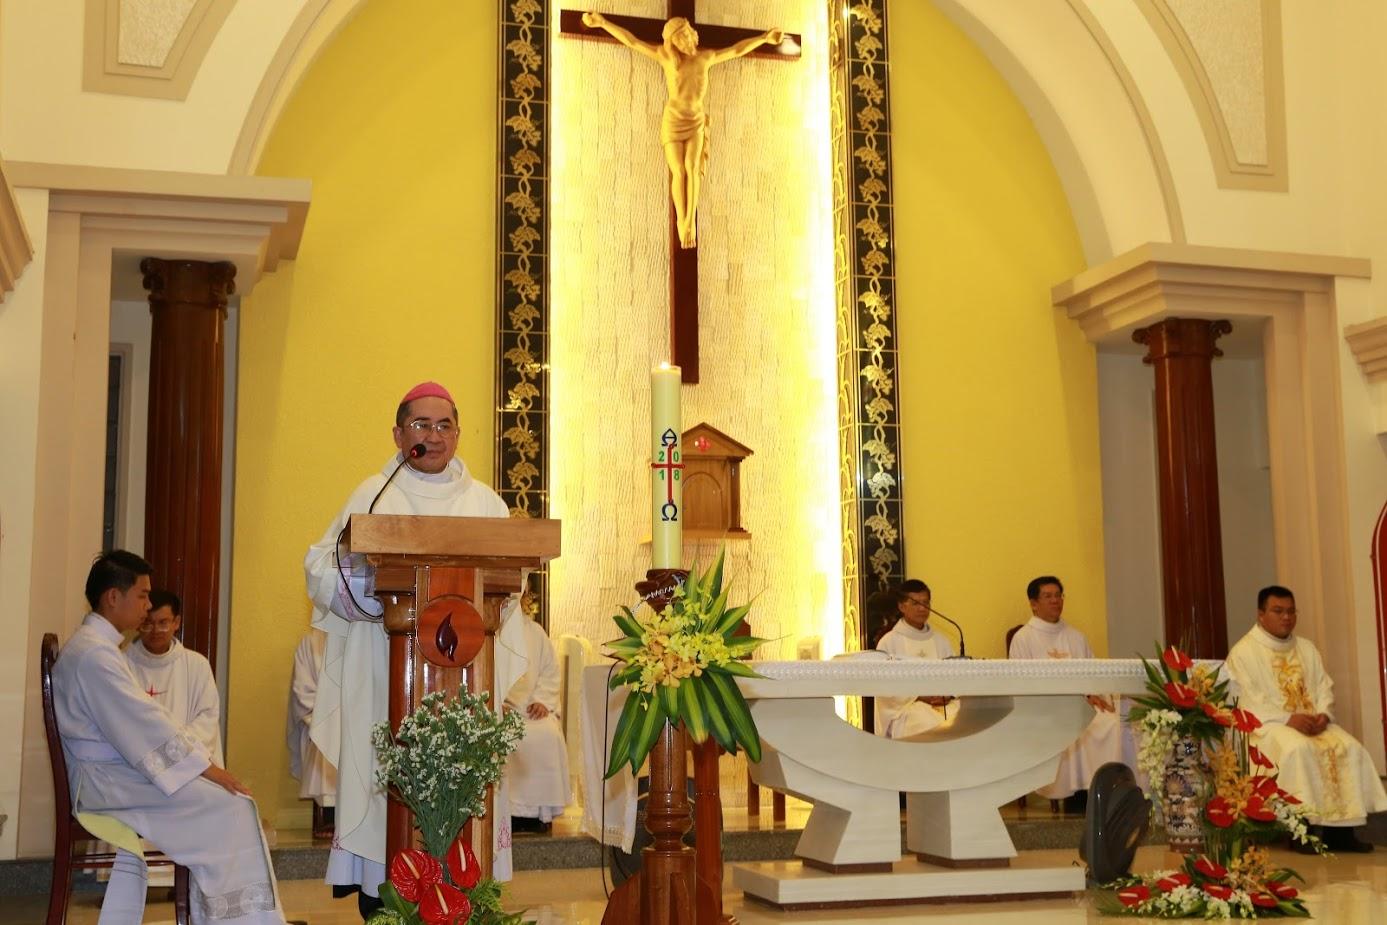 Thánh lễ tạ ơn 47 năm hồng ân Linh mục của Đức Cha Giuse Giám mục Giáo phận Nha Trang (24/4/1971 - 24/4/2018)